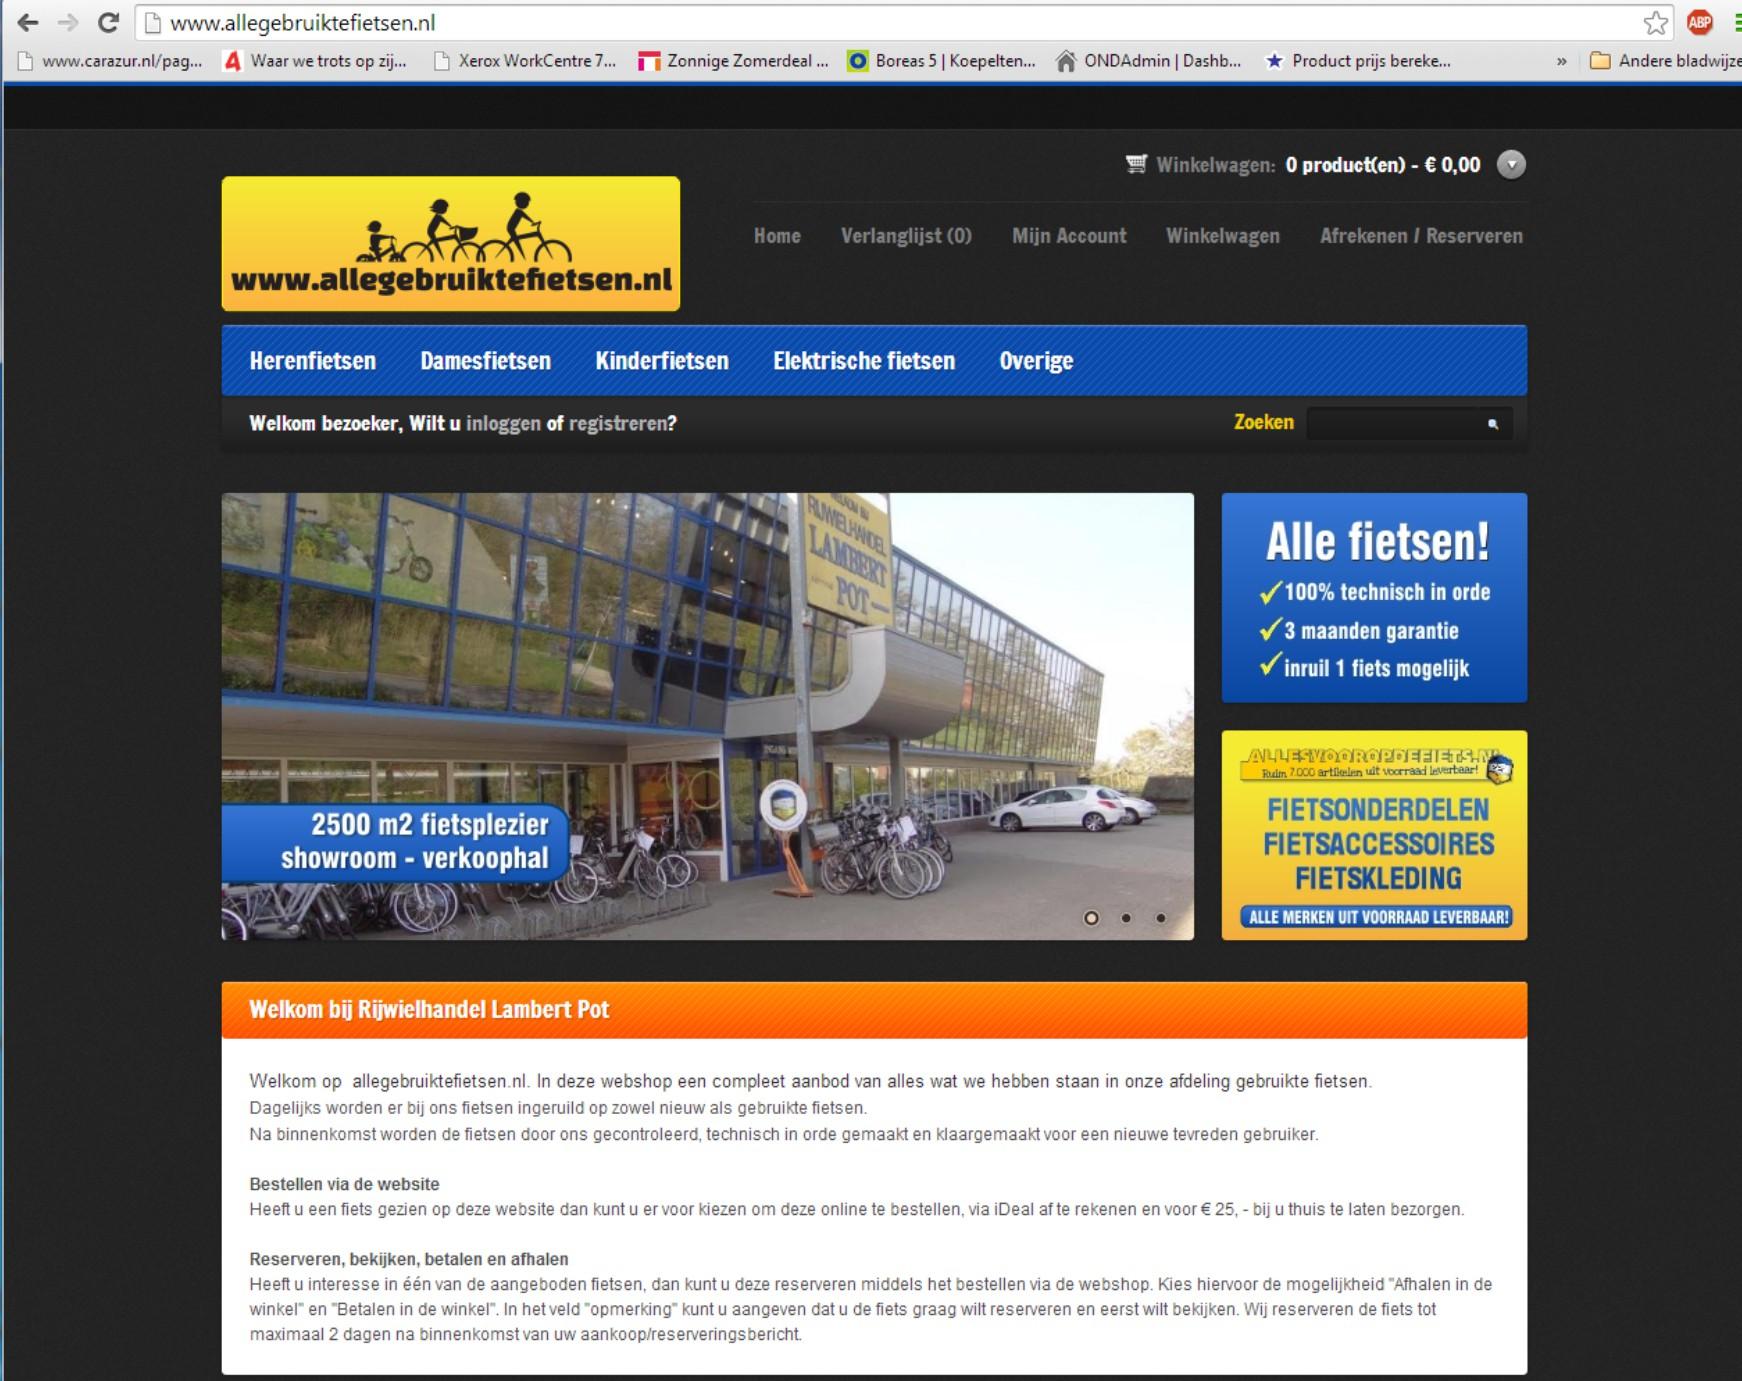 Responsive webshop met reserveringsmogelijkheid +++www.allegebruiktefietsen.nl